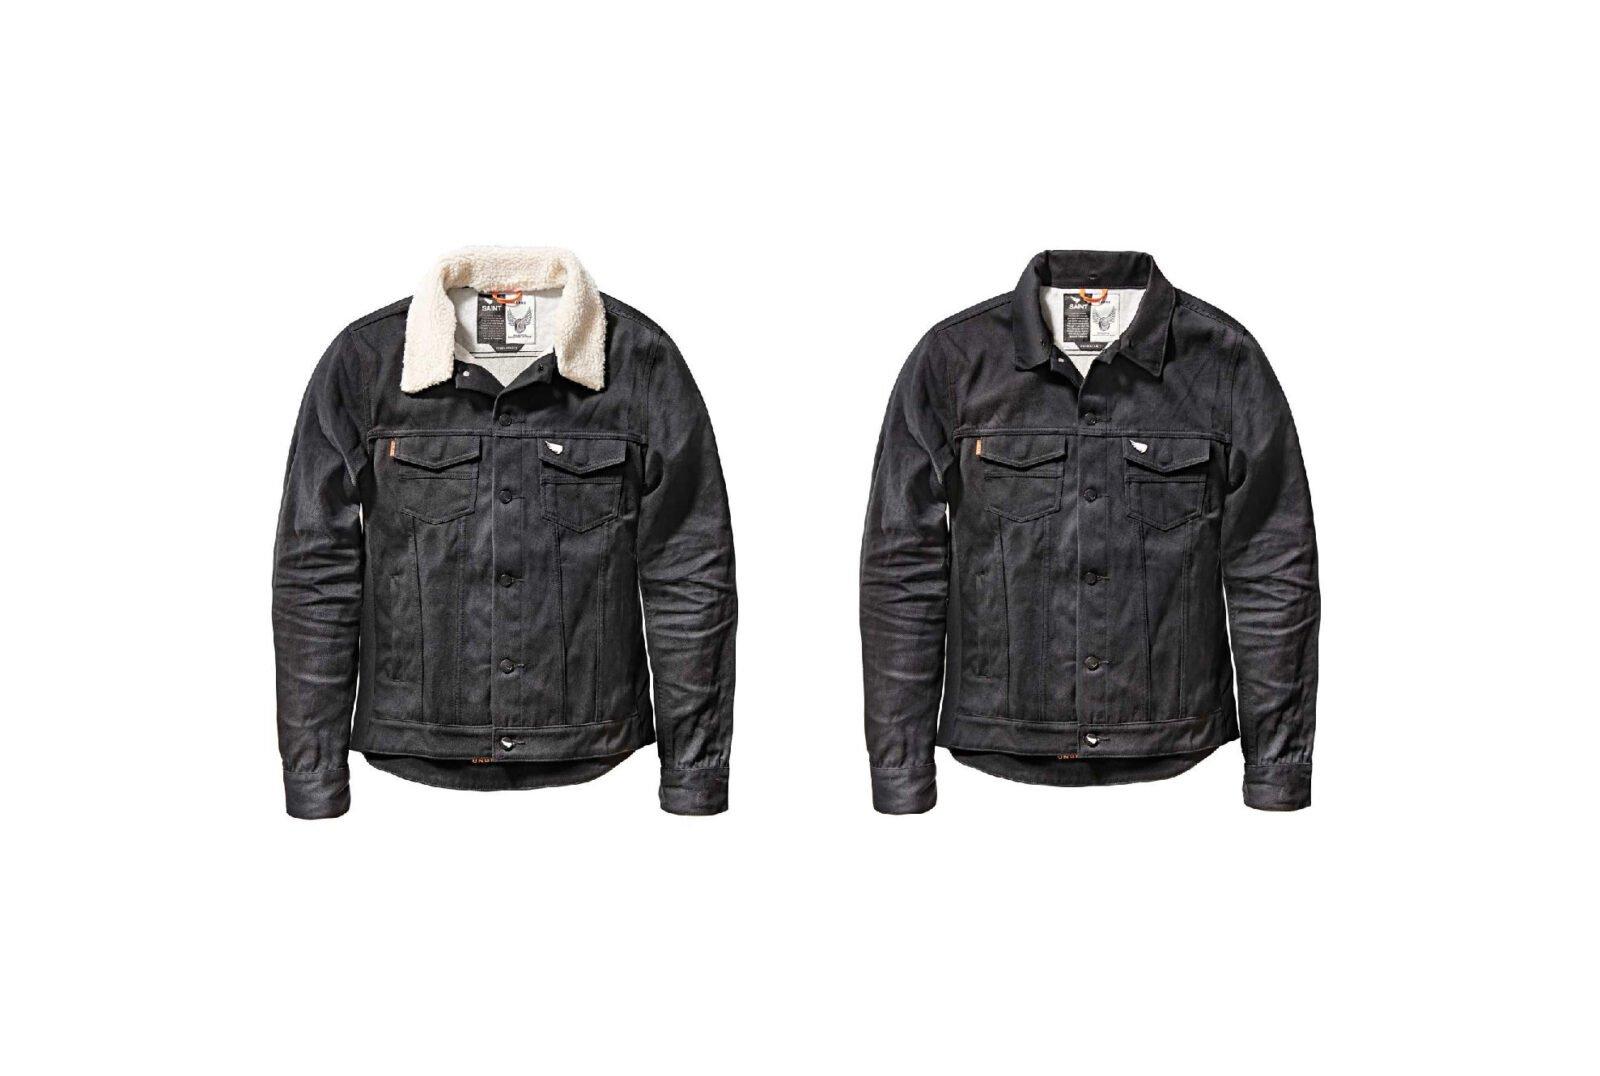 Saint Unbreakable Denim Fur Motorcycle Jacket 1600x1076 - Saint Unbreakable Denim Fur Motorcycle Jacket